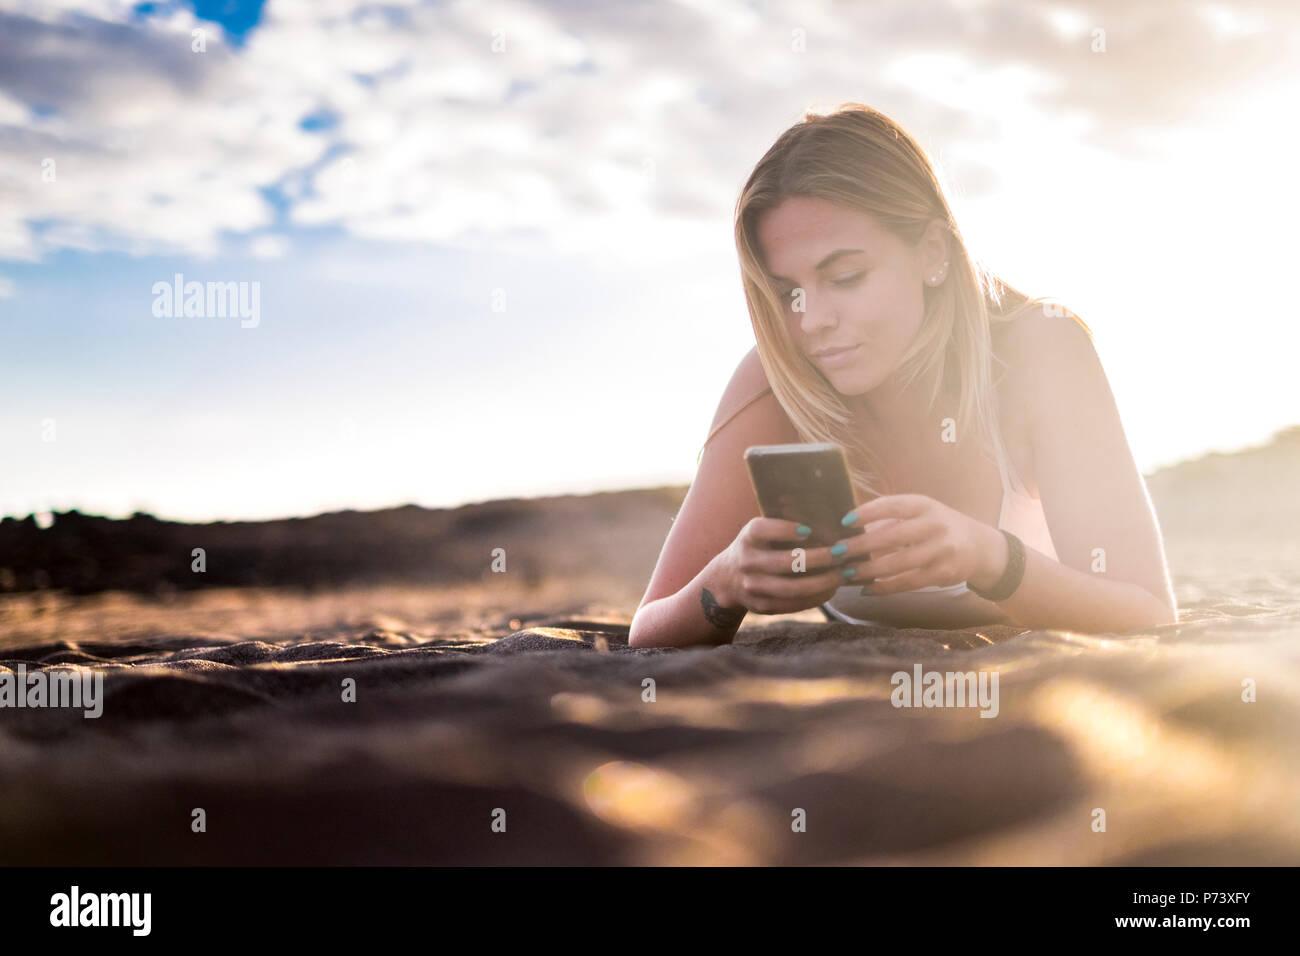 Giovane bella donna bionda stabiliscono in spiaggia in vacanza e stile di vita le attività per il tempo libero utilizzando lo smartphone per controllare i social media e utilizzare interne Immagini Stock